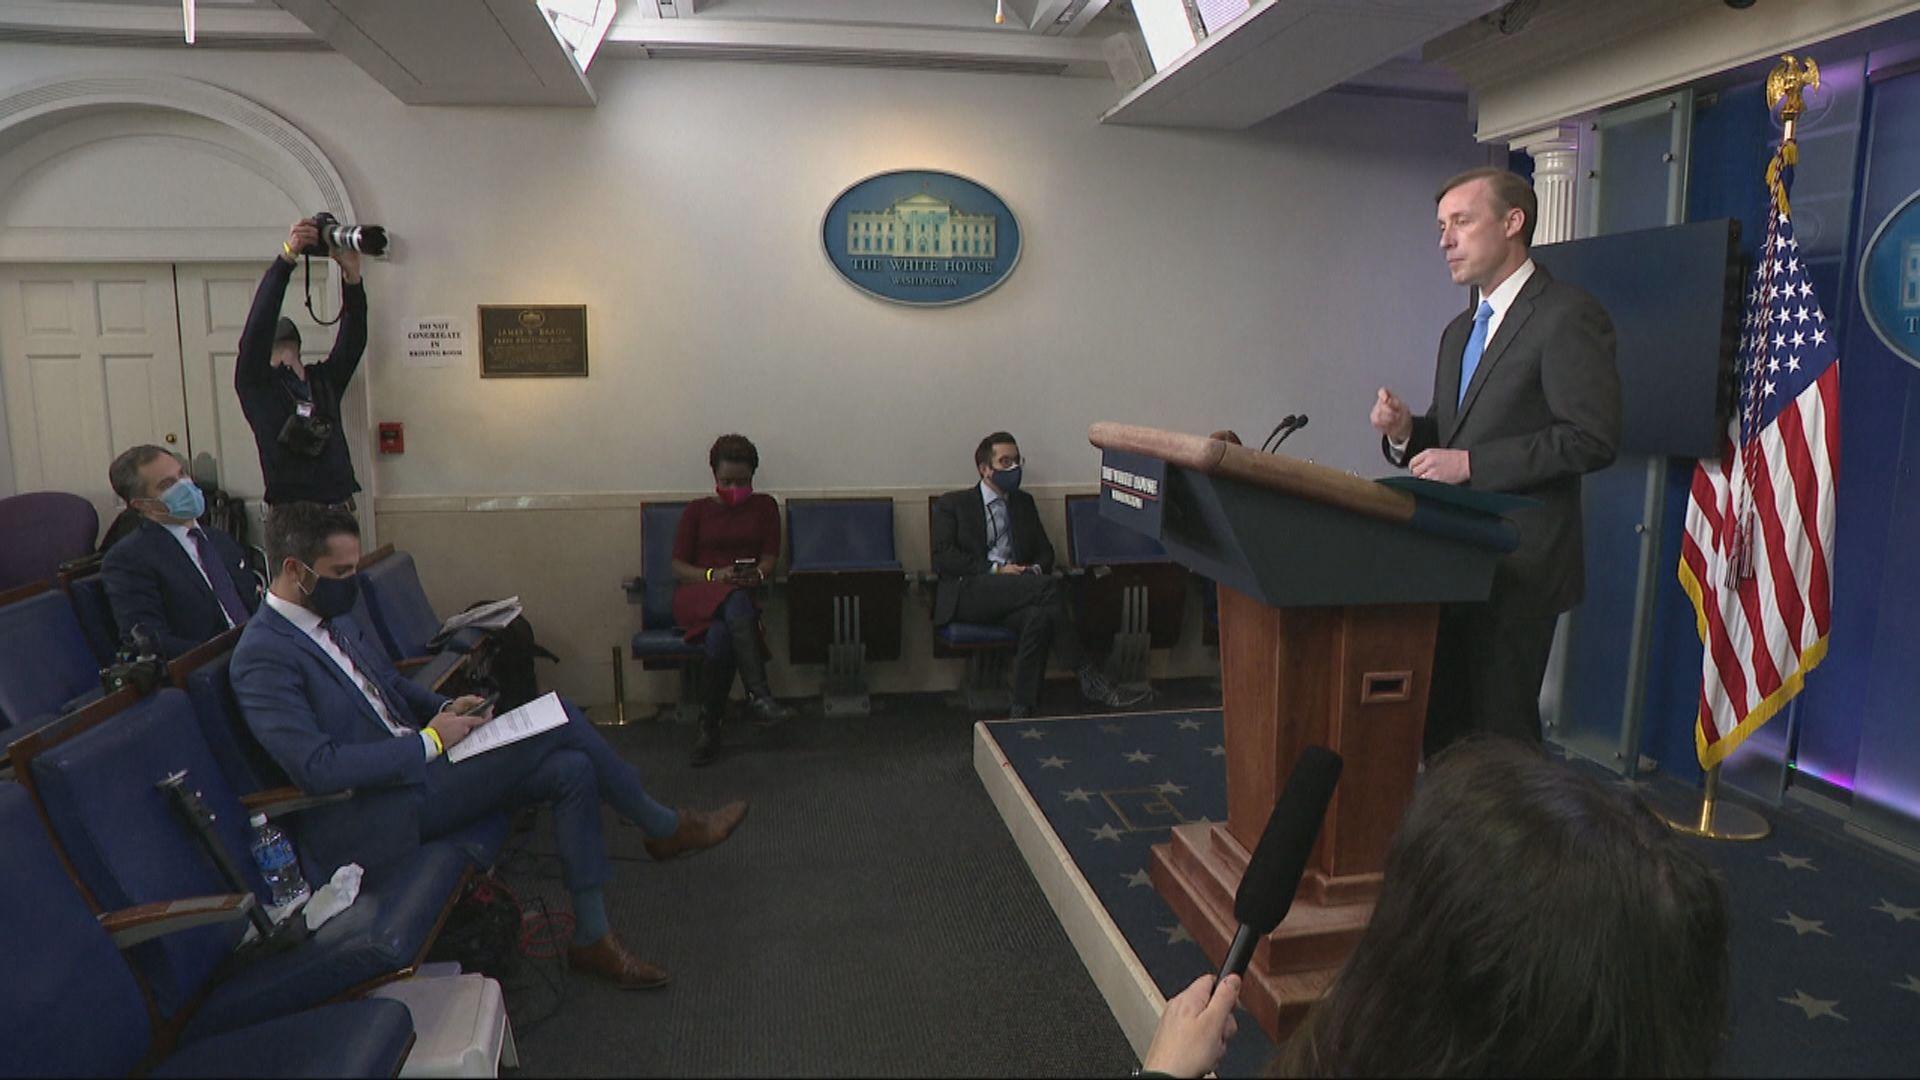 白宮國家安全顧問稱已開始與伊朗商討釋放被扣押美國人